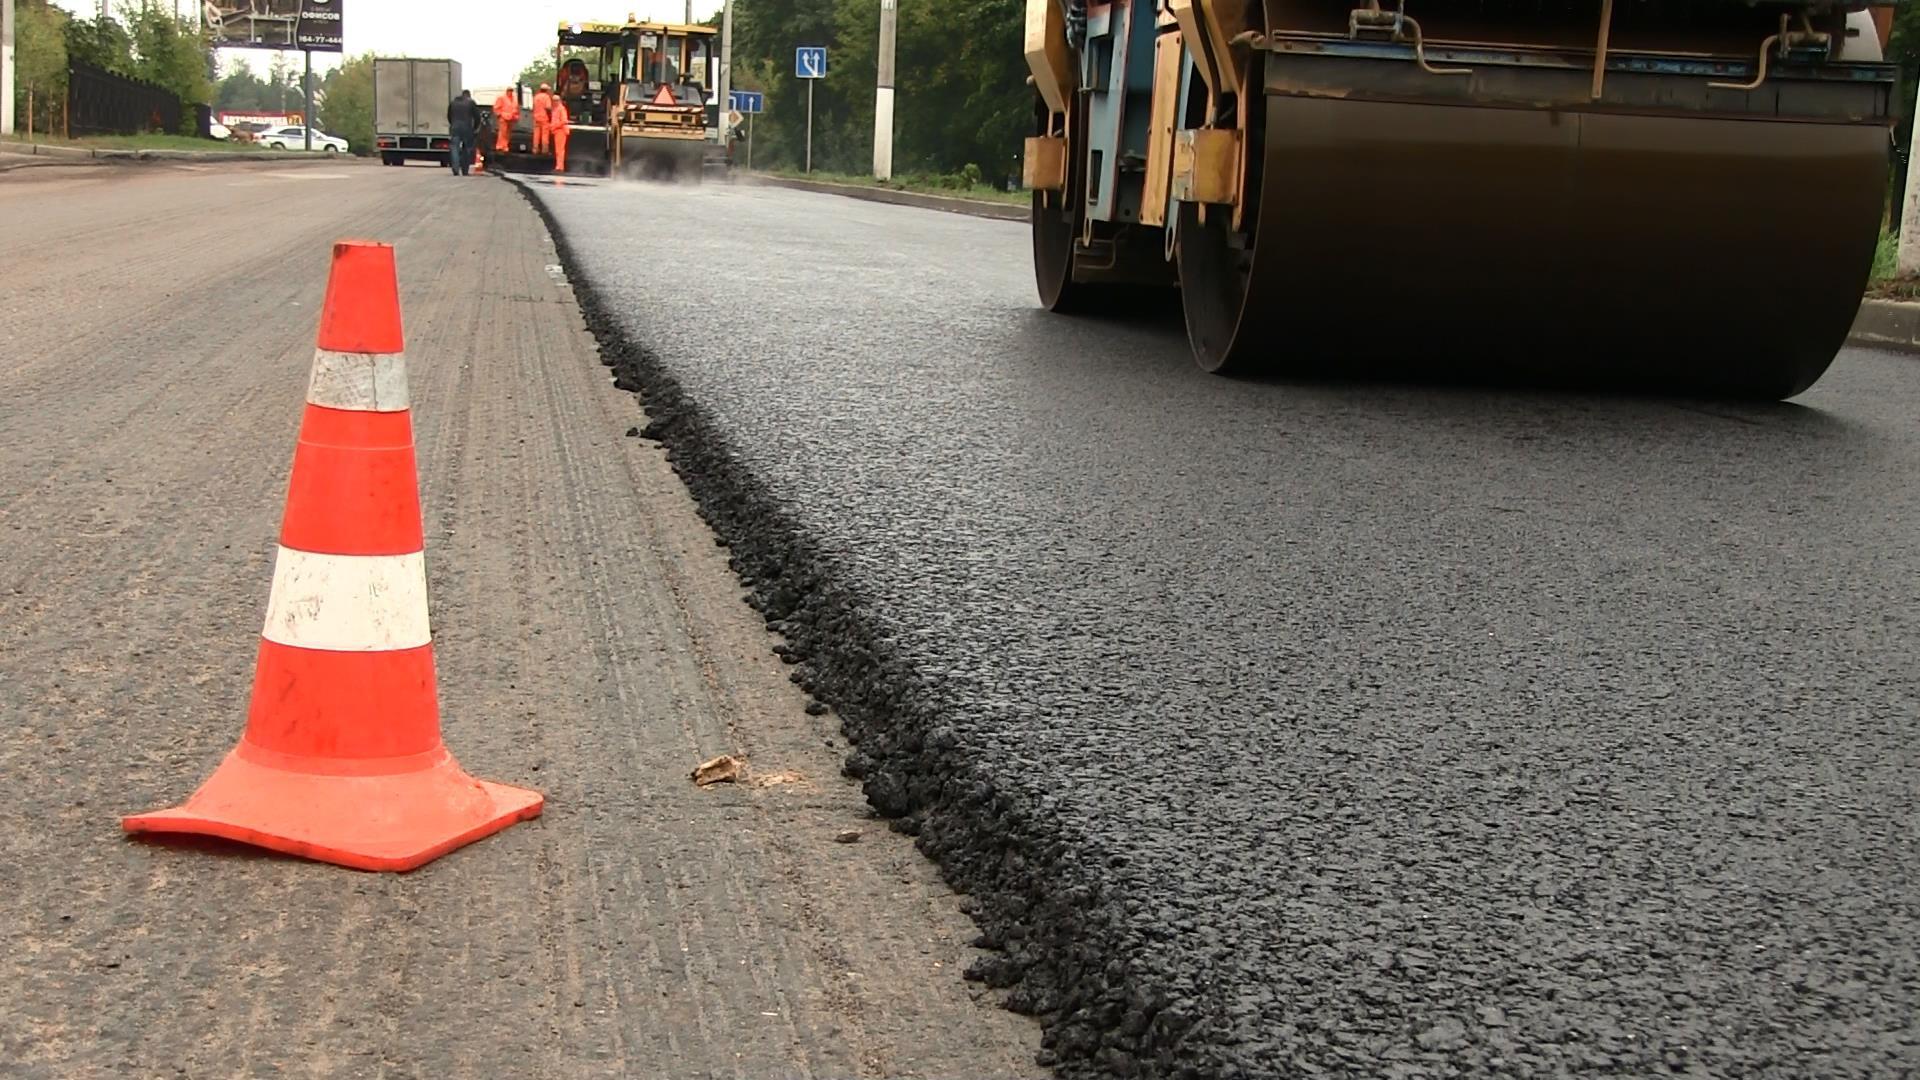 Сезон ремонта дорог в Москве начинается этой ночью— МКАД будет первой